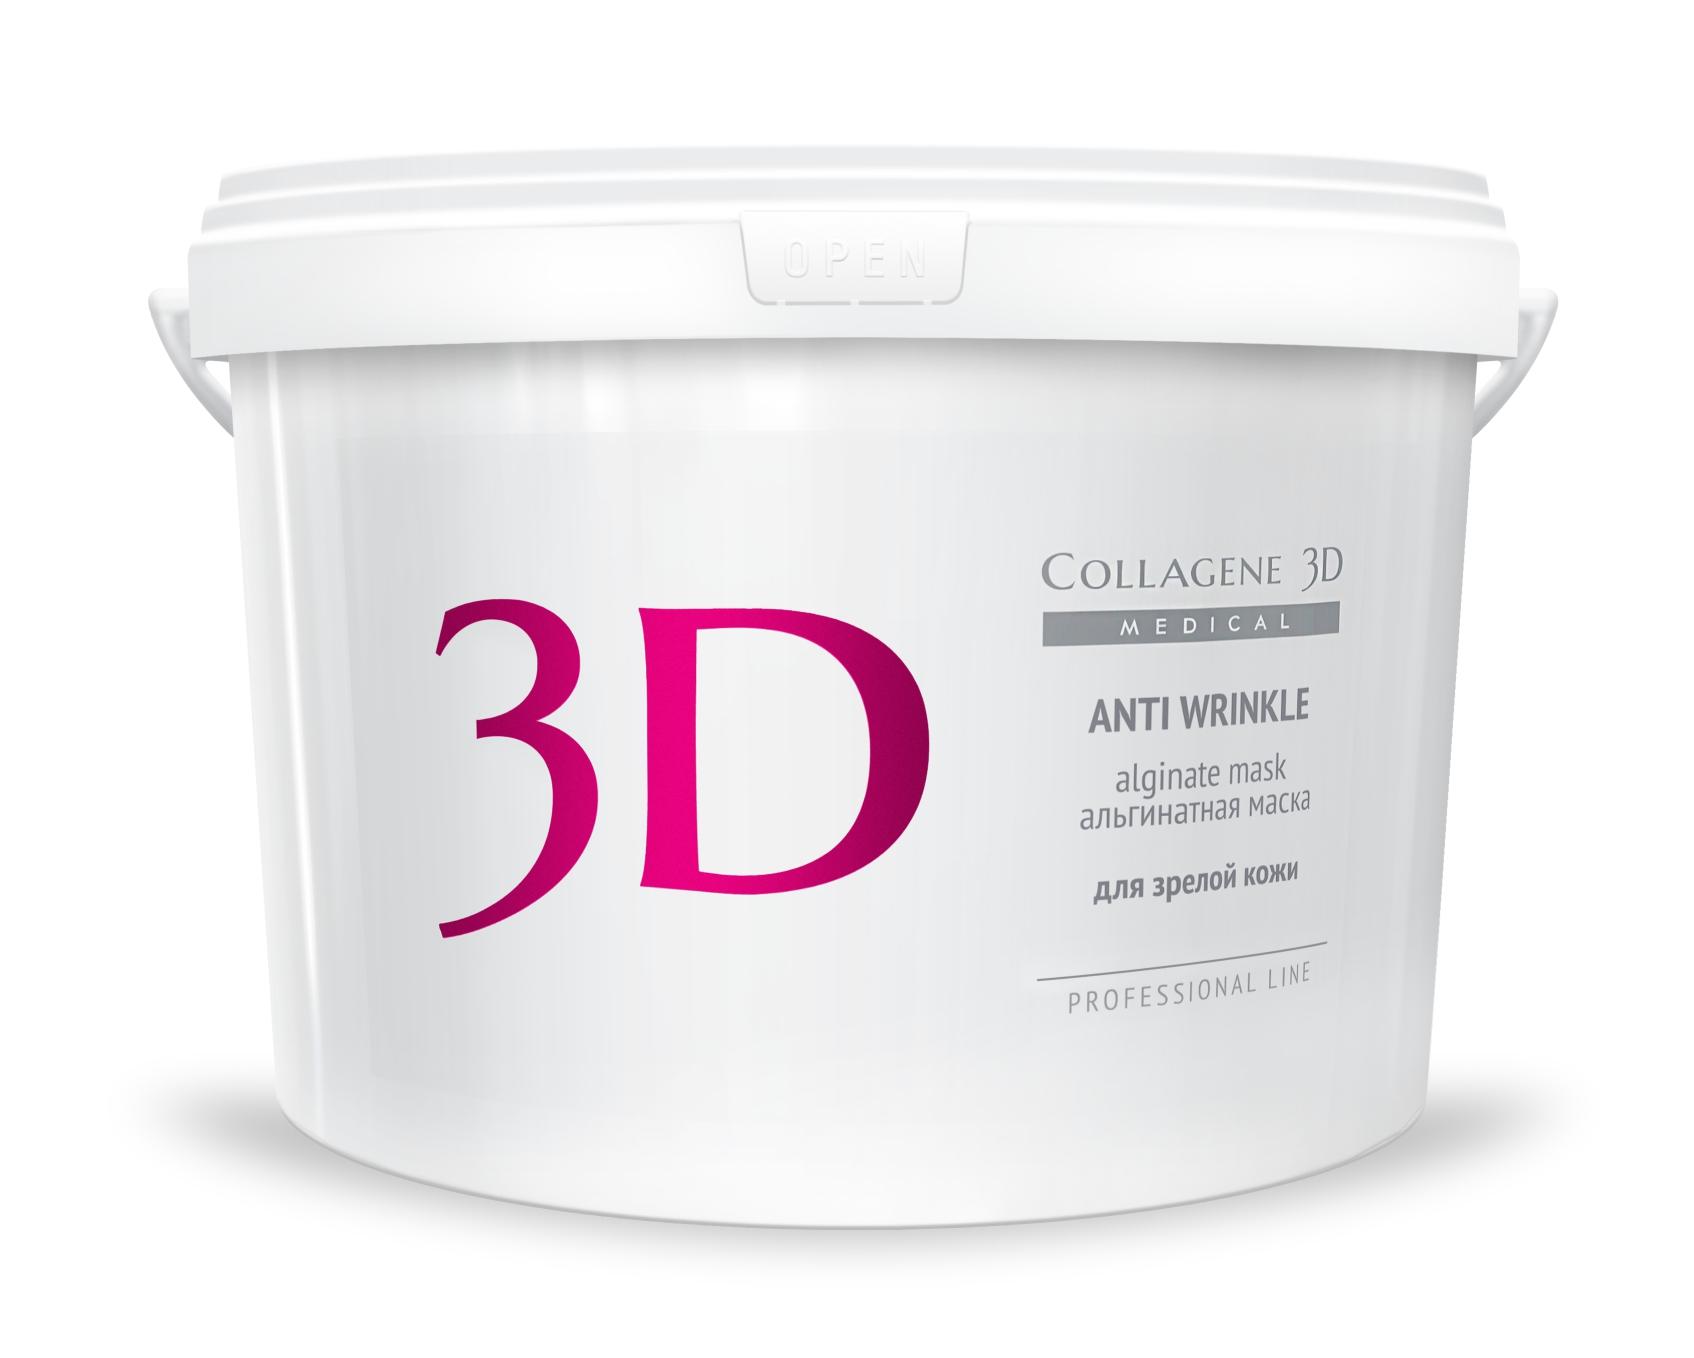 MEDICAL COLLAGENE 3D Маска альгинатная с экстрактом спирулины для лица и тела Anti Wrinkle 1200грМаски<br>Для наиболее выраженного результата от процедуры антивозрастного ухода рекомендуется использовать альгинатную маску ANTI WRINKLE с экстрактами спирулины и ламинарии. Насыщенная текстура и удобное время застывания позволят добиться лучшего эффекта при максимальном комфорте пациента. При разведении водой порошок альгината превращается в густую массу, которая сама по себе интенсивно увлажняет, разглаживает кожу, оказывает дренажное действие, стимулирует кровообращение и показывает впечатляющие результаты при проведении экспресс-процедур. Экстракты водорослей содержат витамины группы B, полиненасыщенные жирные кислоты, макро- и микроэлементы. Экстракт спирулины отличается высоким содержанием белка (до 60%), богатого незаменимыми аминокислотами, водо- и жирорастворимые витамины, является источником калия, кальция, хрома, меди, железа, магния, марганца, фосфора, селена, натрия и цинка, а также растительных пигментов   мощных природных антиоксидантов. Активные ингредиенты: альгинат натрия, экстракт спирулины, экстракт ламинарии. Способ применения: перед применением альгинатной маски рекомендуется в качестве концентрата на очищенную кожу нанести коллагеновую гель-маску серии MEDICAL COLLAGENE 3D и сделать легкий массаж. Альгинатную маску подготовить непосредственно перед применением. Порошок смешать с водой комнатной температуры (20-25 С) в пропорции 1:3 до состояния однородной массы. С помощью шпателя равномерно нанести на кожу. Через 15 минут снять маску единым пластом. В завершение процедуры протереть лицо Фитотоником NATURAL FRESH и нанести коллагеновый крем серии MEDICAL COLLAGENE 3D.<br><br>Вид средства для тела: Альгинатная